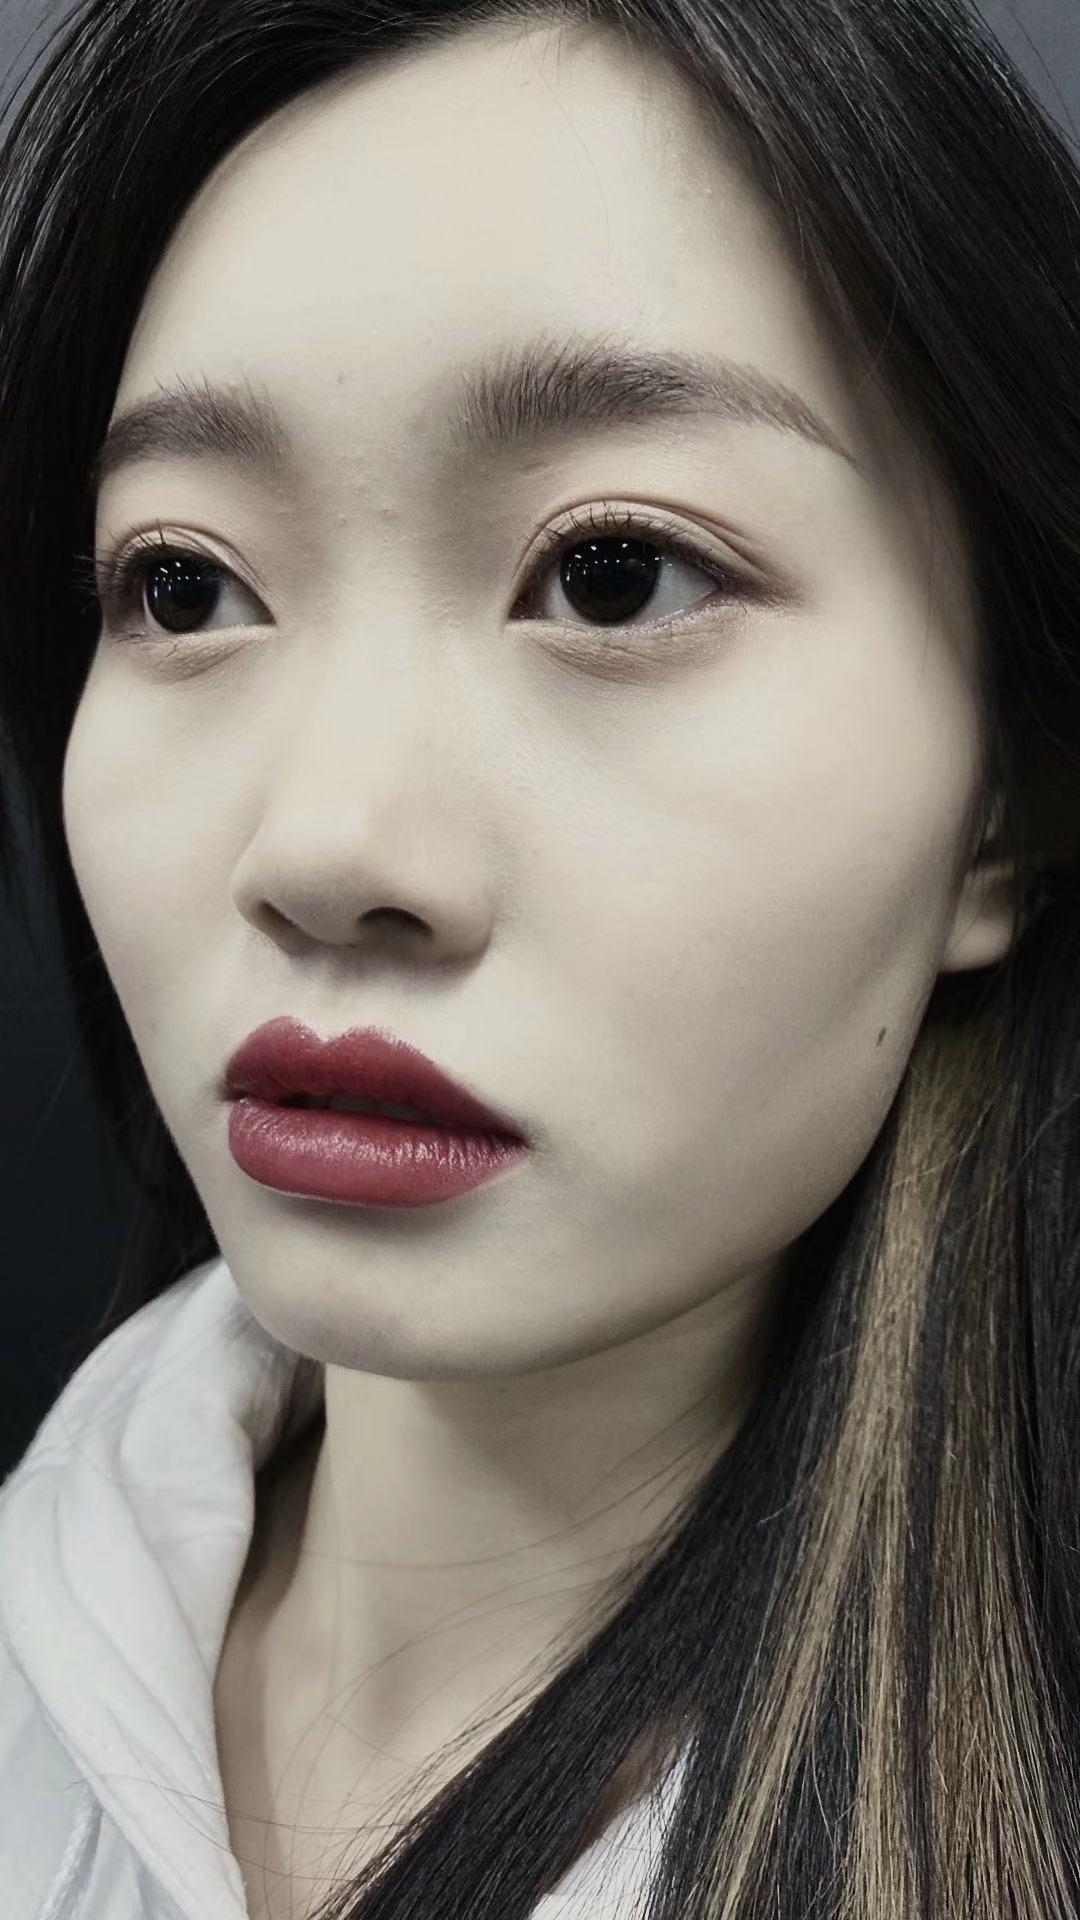 通过在鲍豪斯学校学习化妆。我感受到学化妆易学不易精